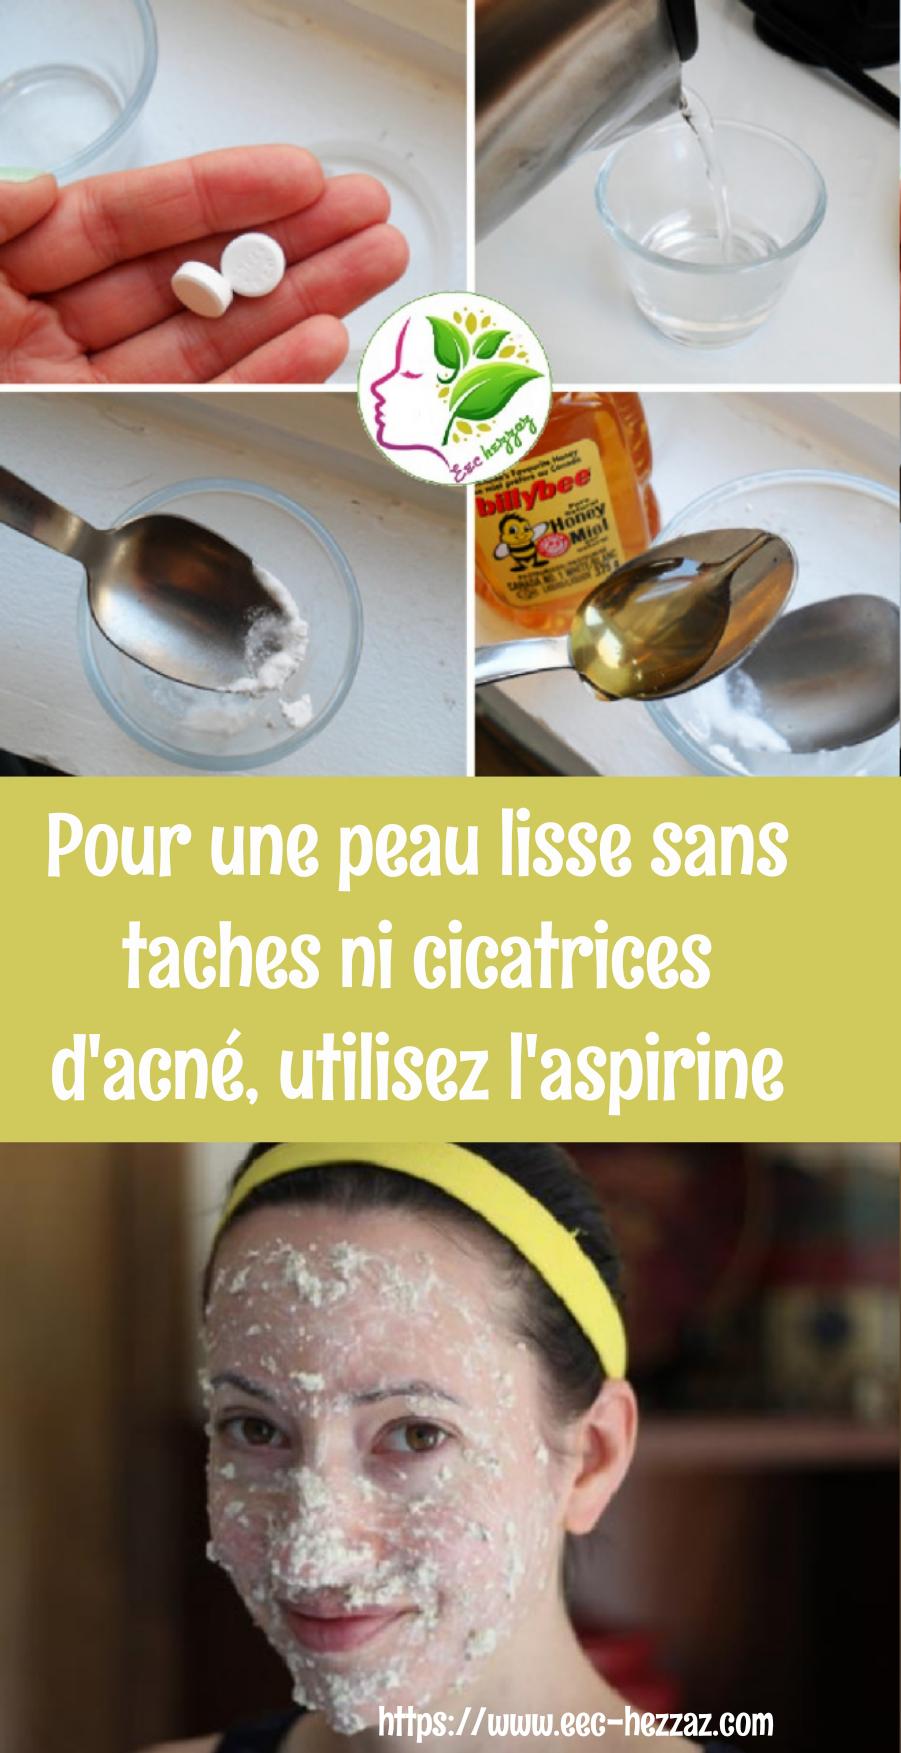 Pour une peau lisse sans taches ni cicatrices d'acné, utilisez l'aspirine